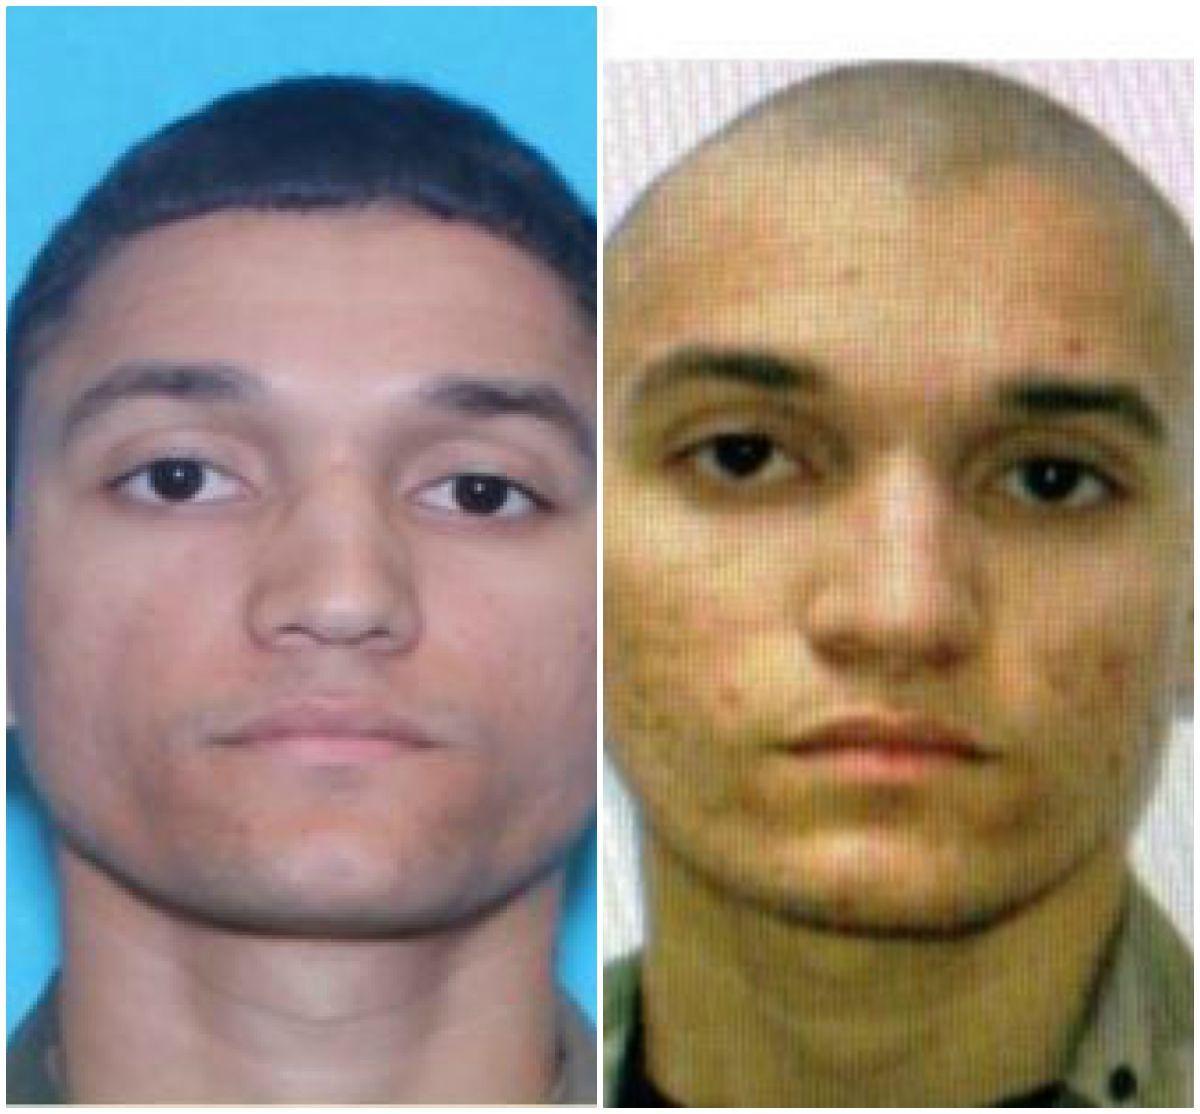 Un sargento de Fort Hood fue el último que vio a soldado Elder Fernandes antes de que desapareciera como Vanessa Guillén